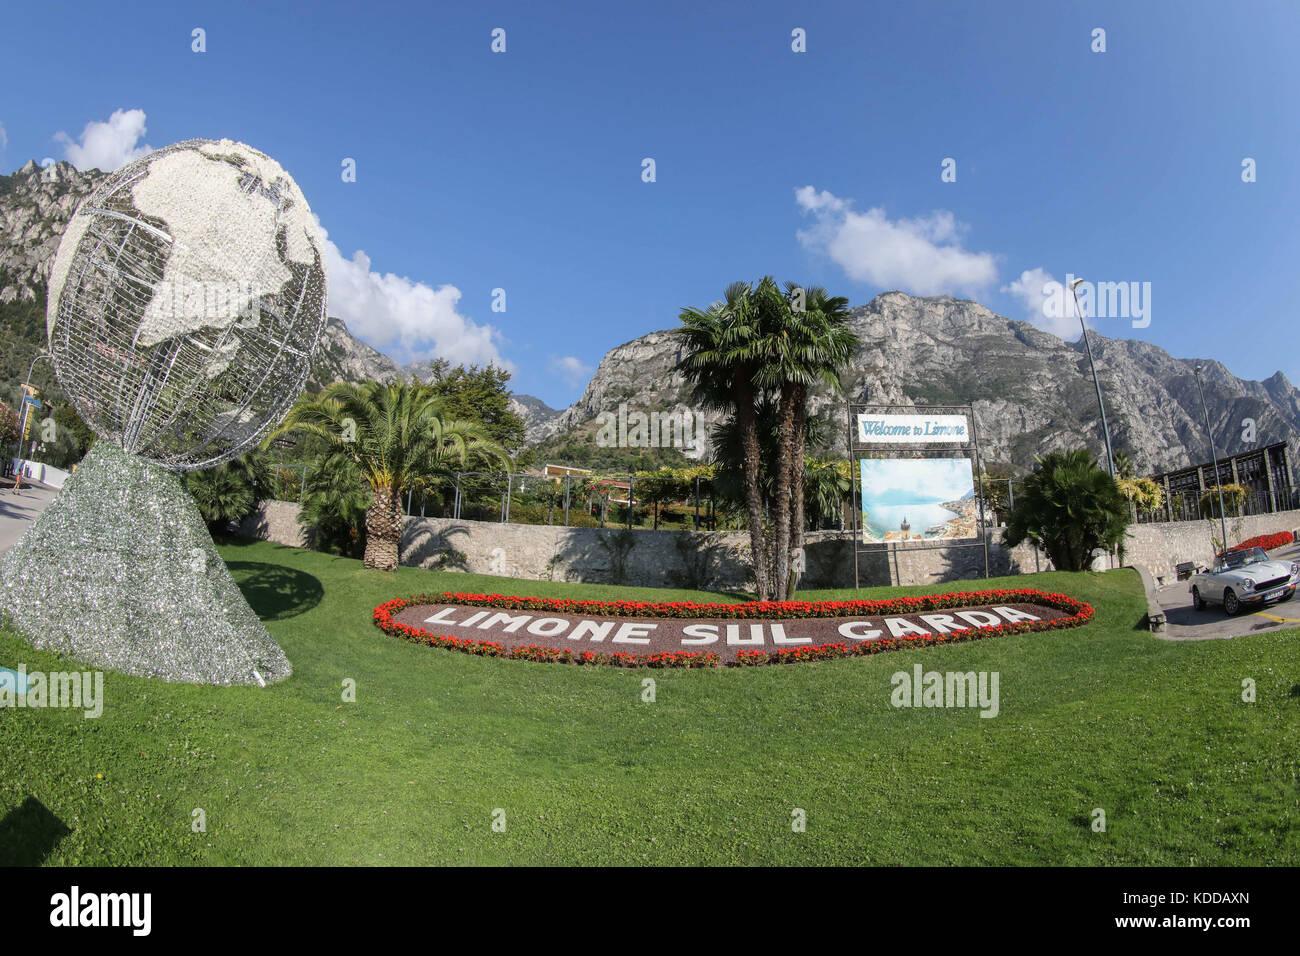 Hinweis in einer Gartenanlage von Limone sul Garda/der Gardasee (Lago di Garda) mit Fischlocker bilderbuchlandschaft Stockbild